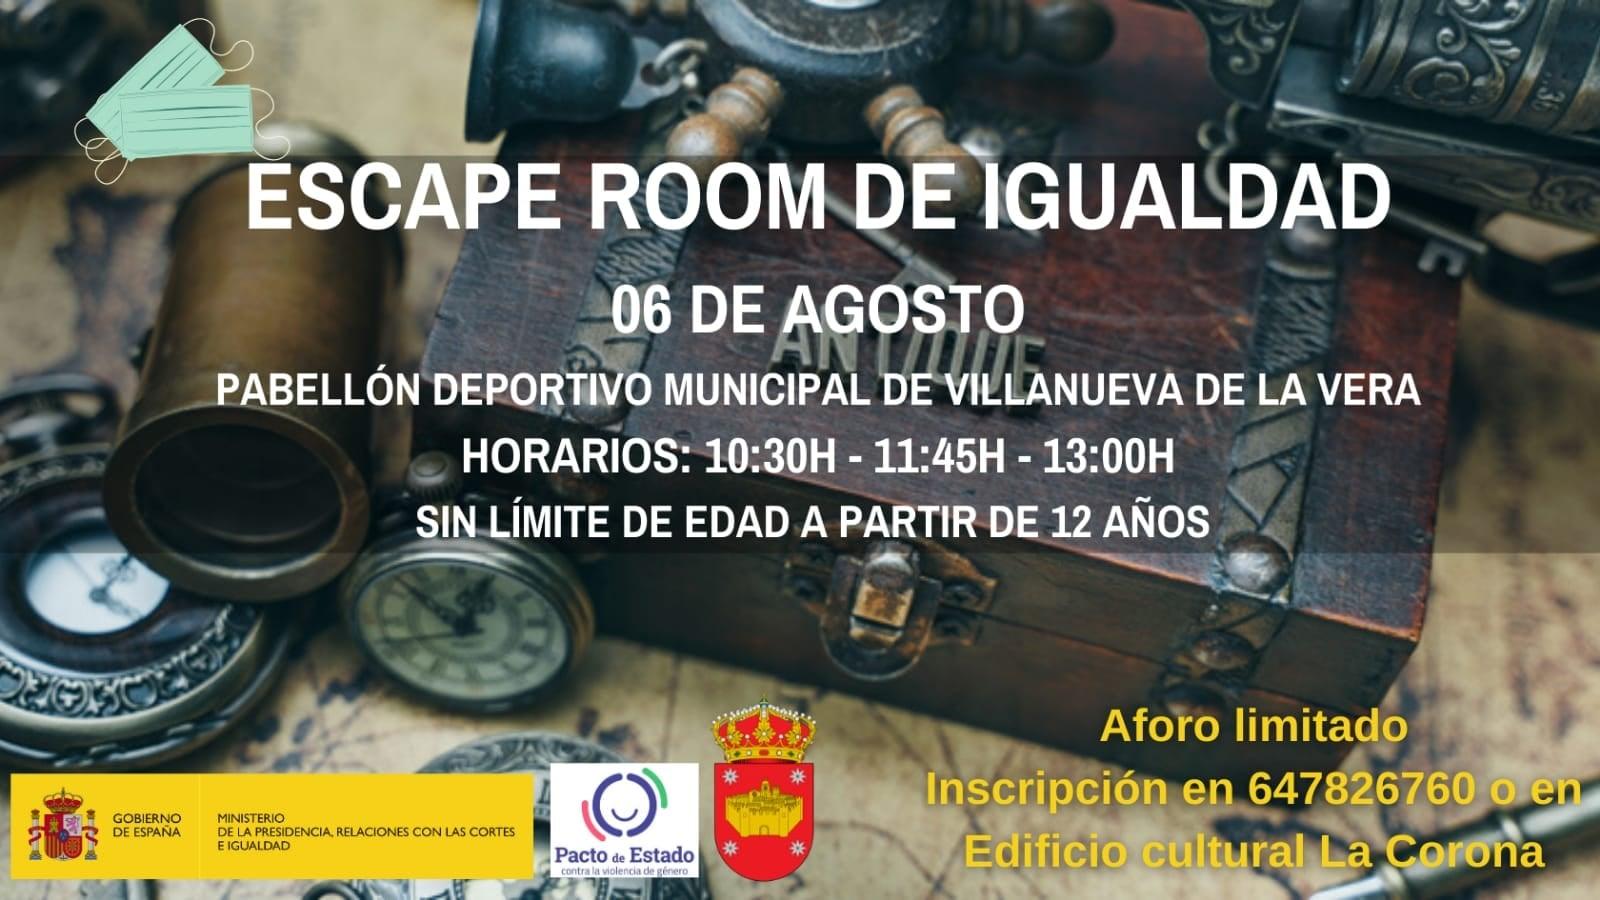 Escape room de igualdad 2020 - Villanueva de la Vera (Cáceres)